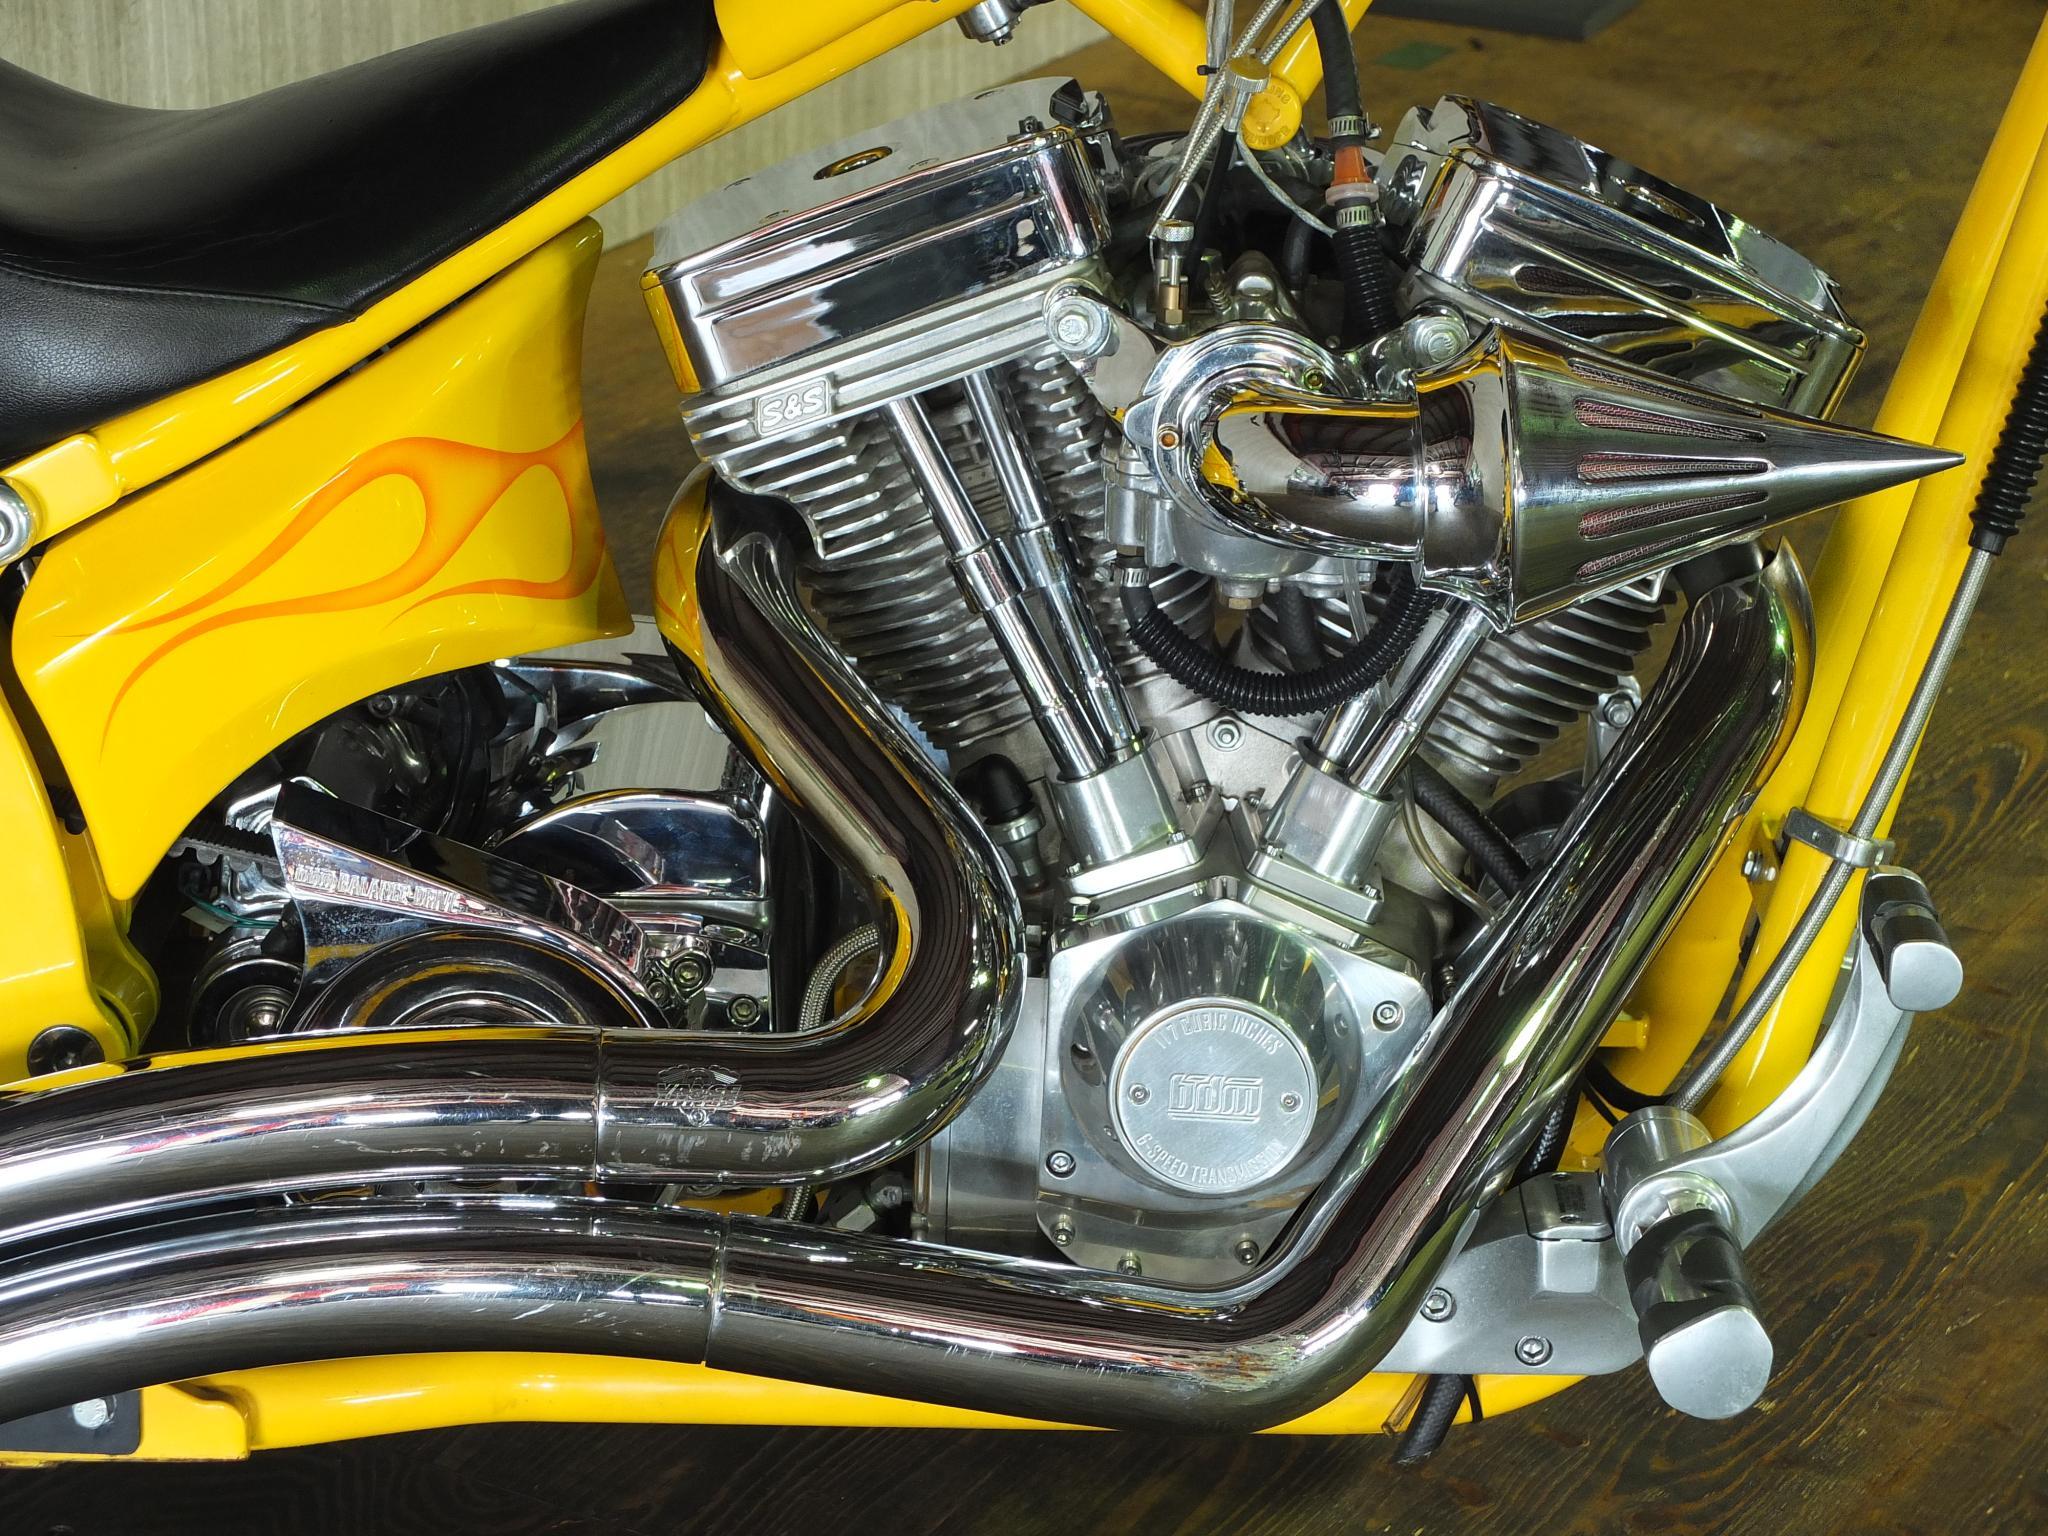 ハーレーダビッドソン 2005 Big Dog Chopper 車体写真7